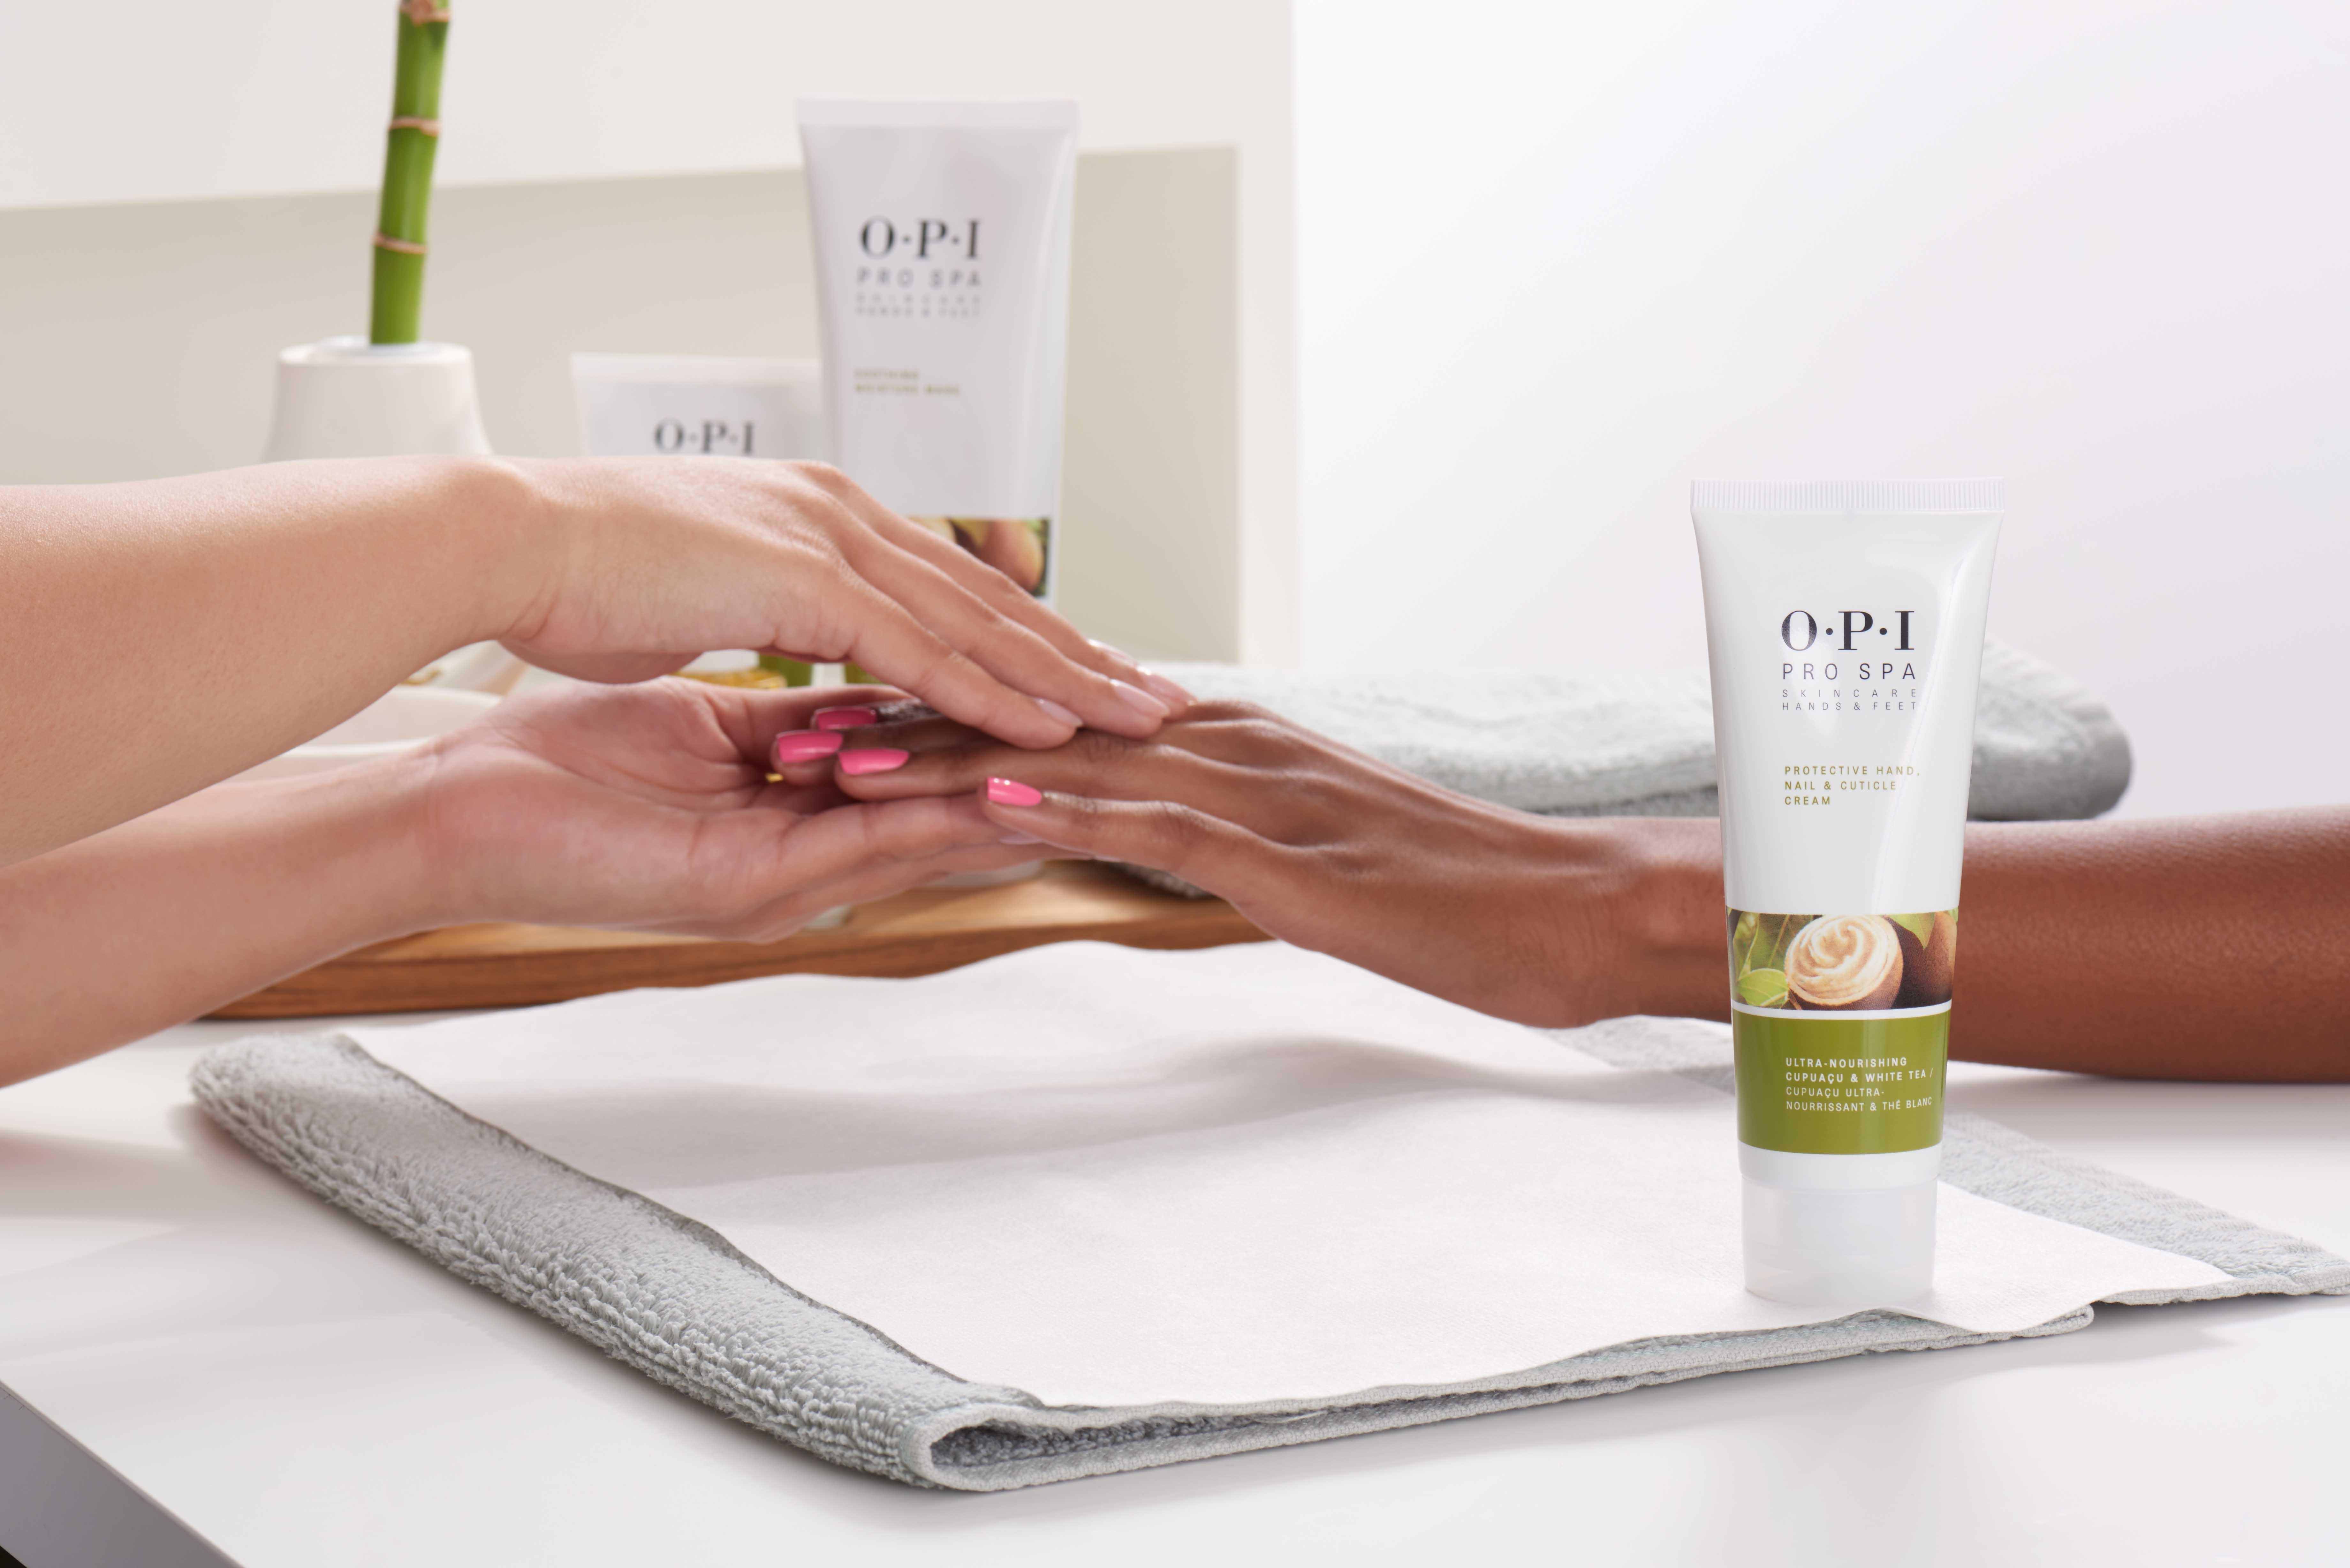 OPI Pro Spa sau cum să îți răsfeți mâinile și picioarele cu un tratament inovator